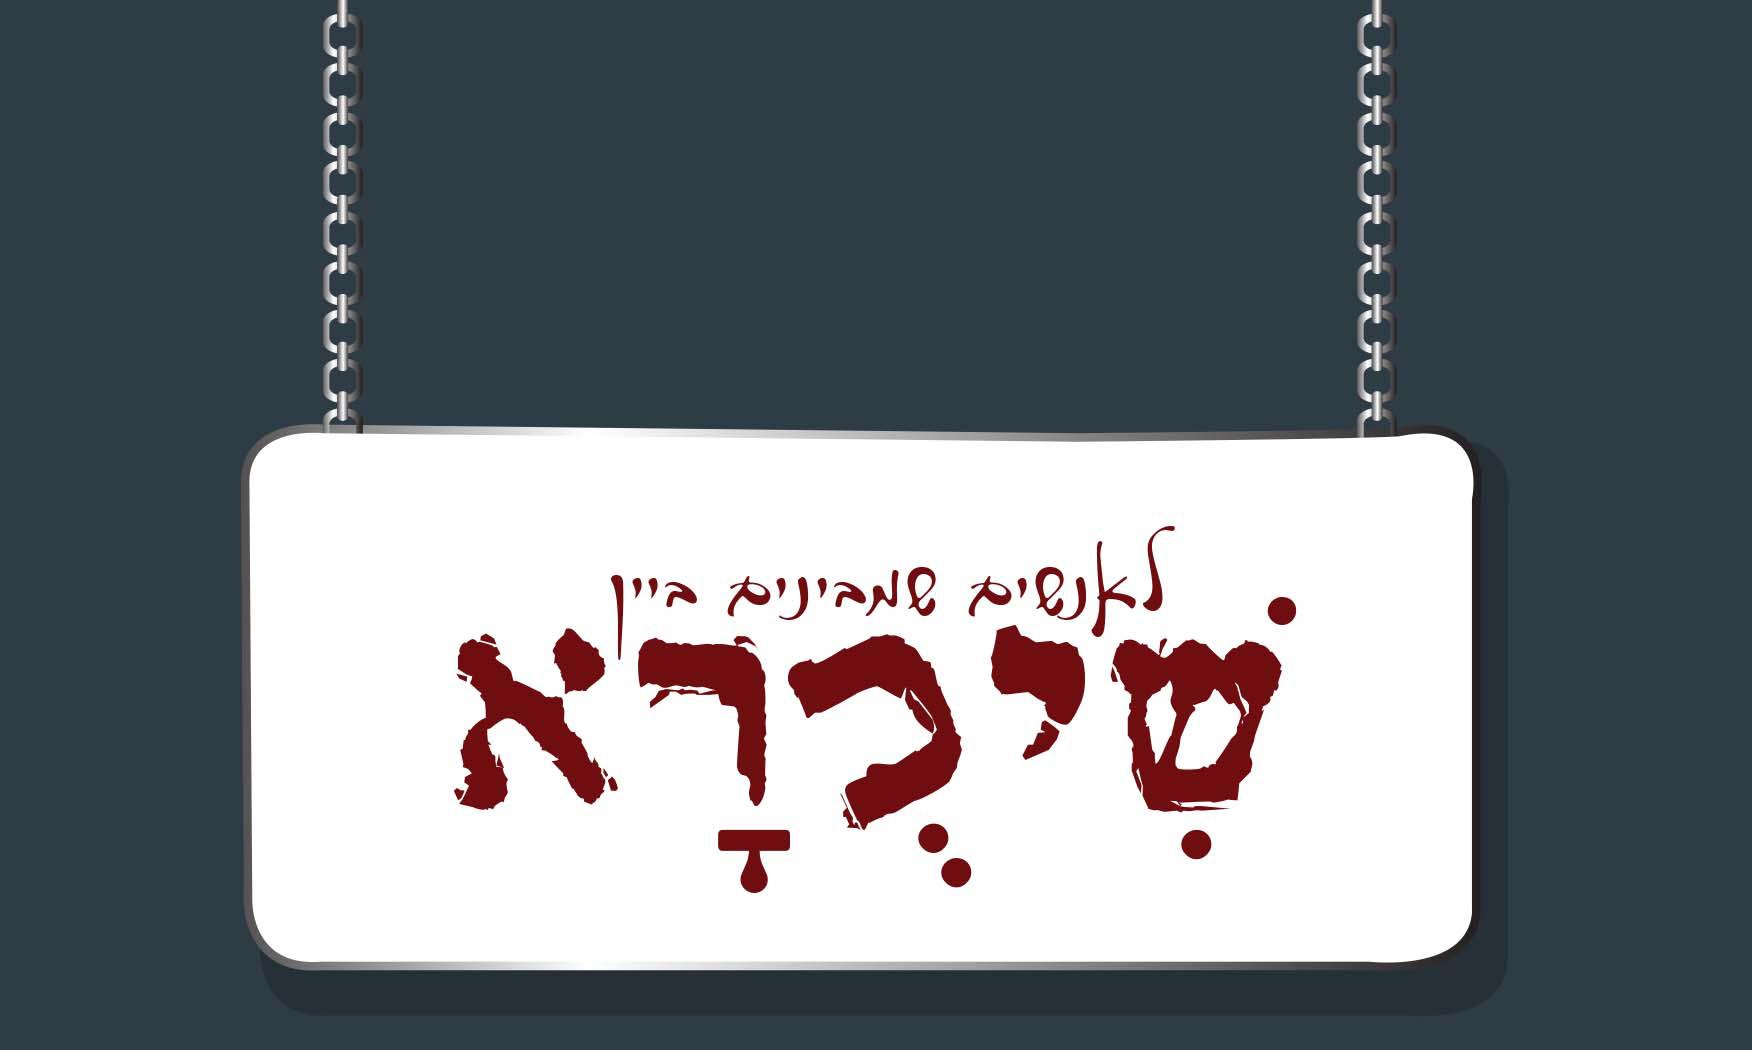 לימודים עיצוב גרפי תל אביב